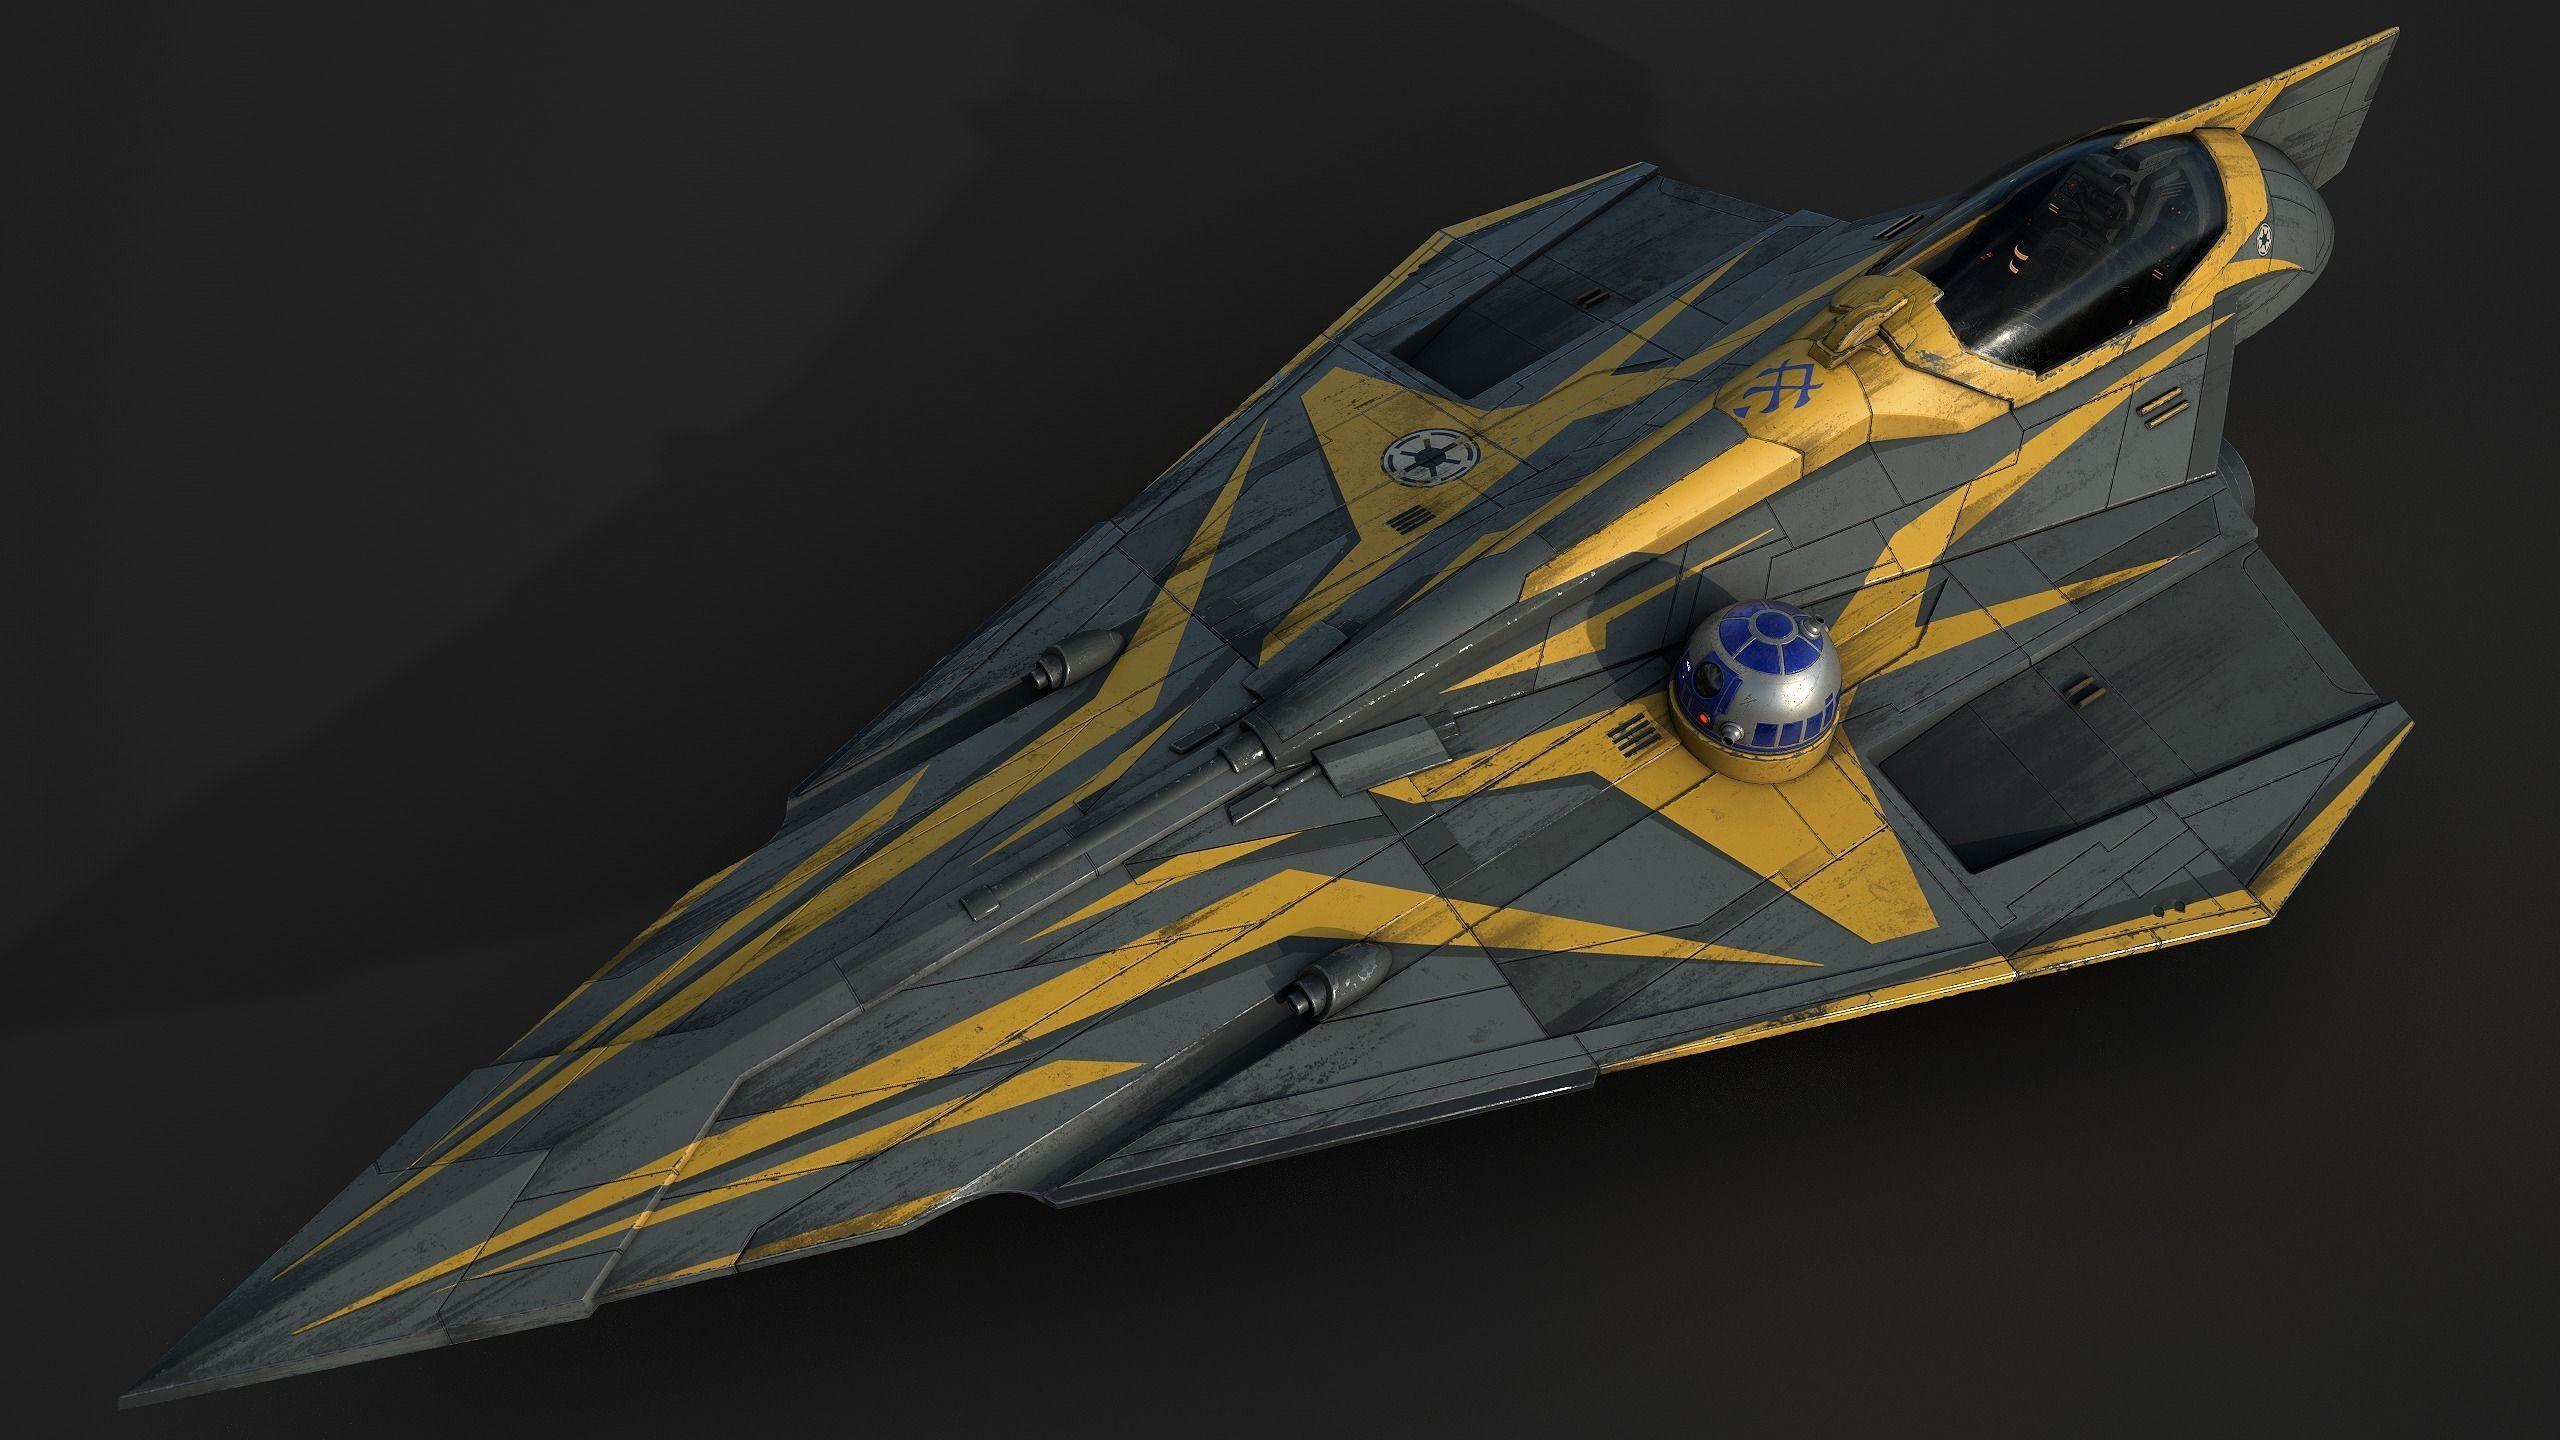 Star Wars Jedi Starfighter - Anakin Skywalker